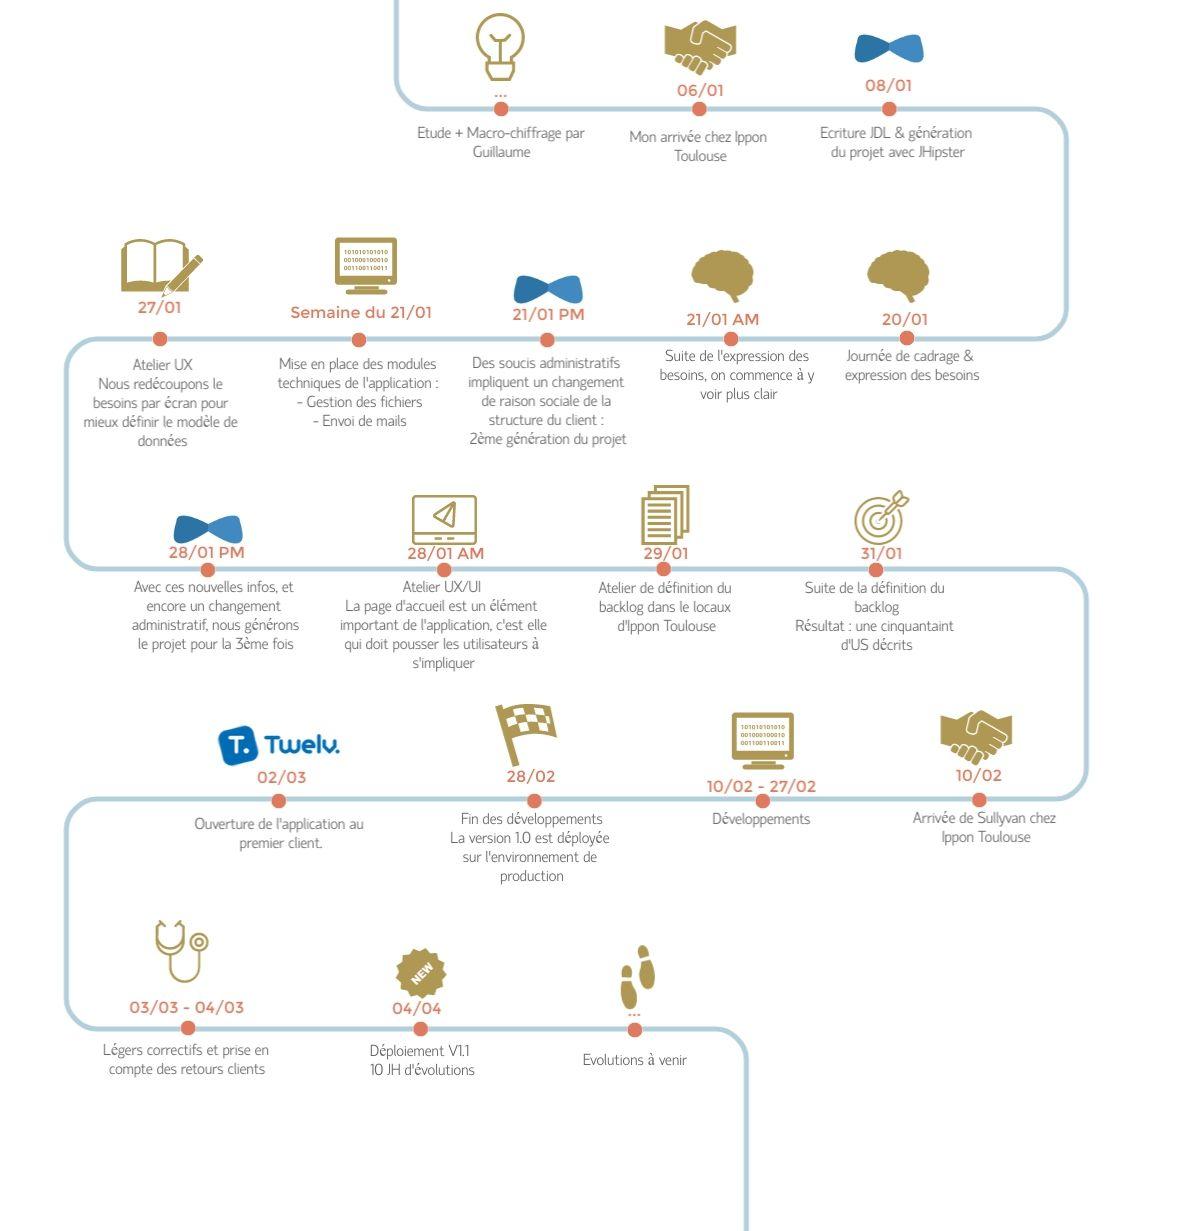 Twelv-timeline-large